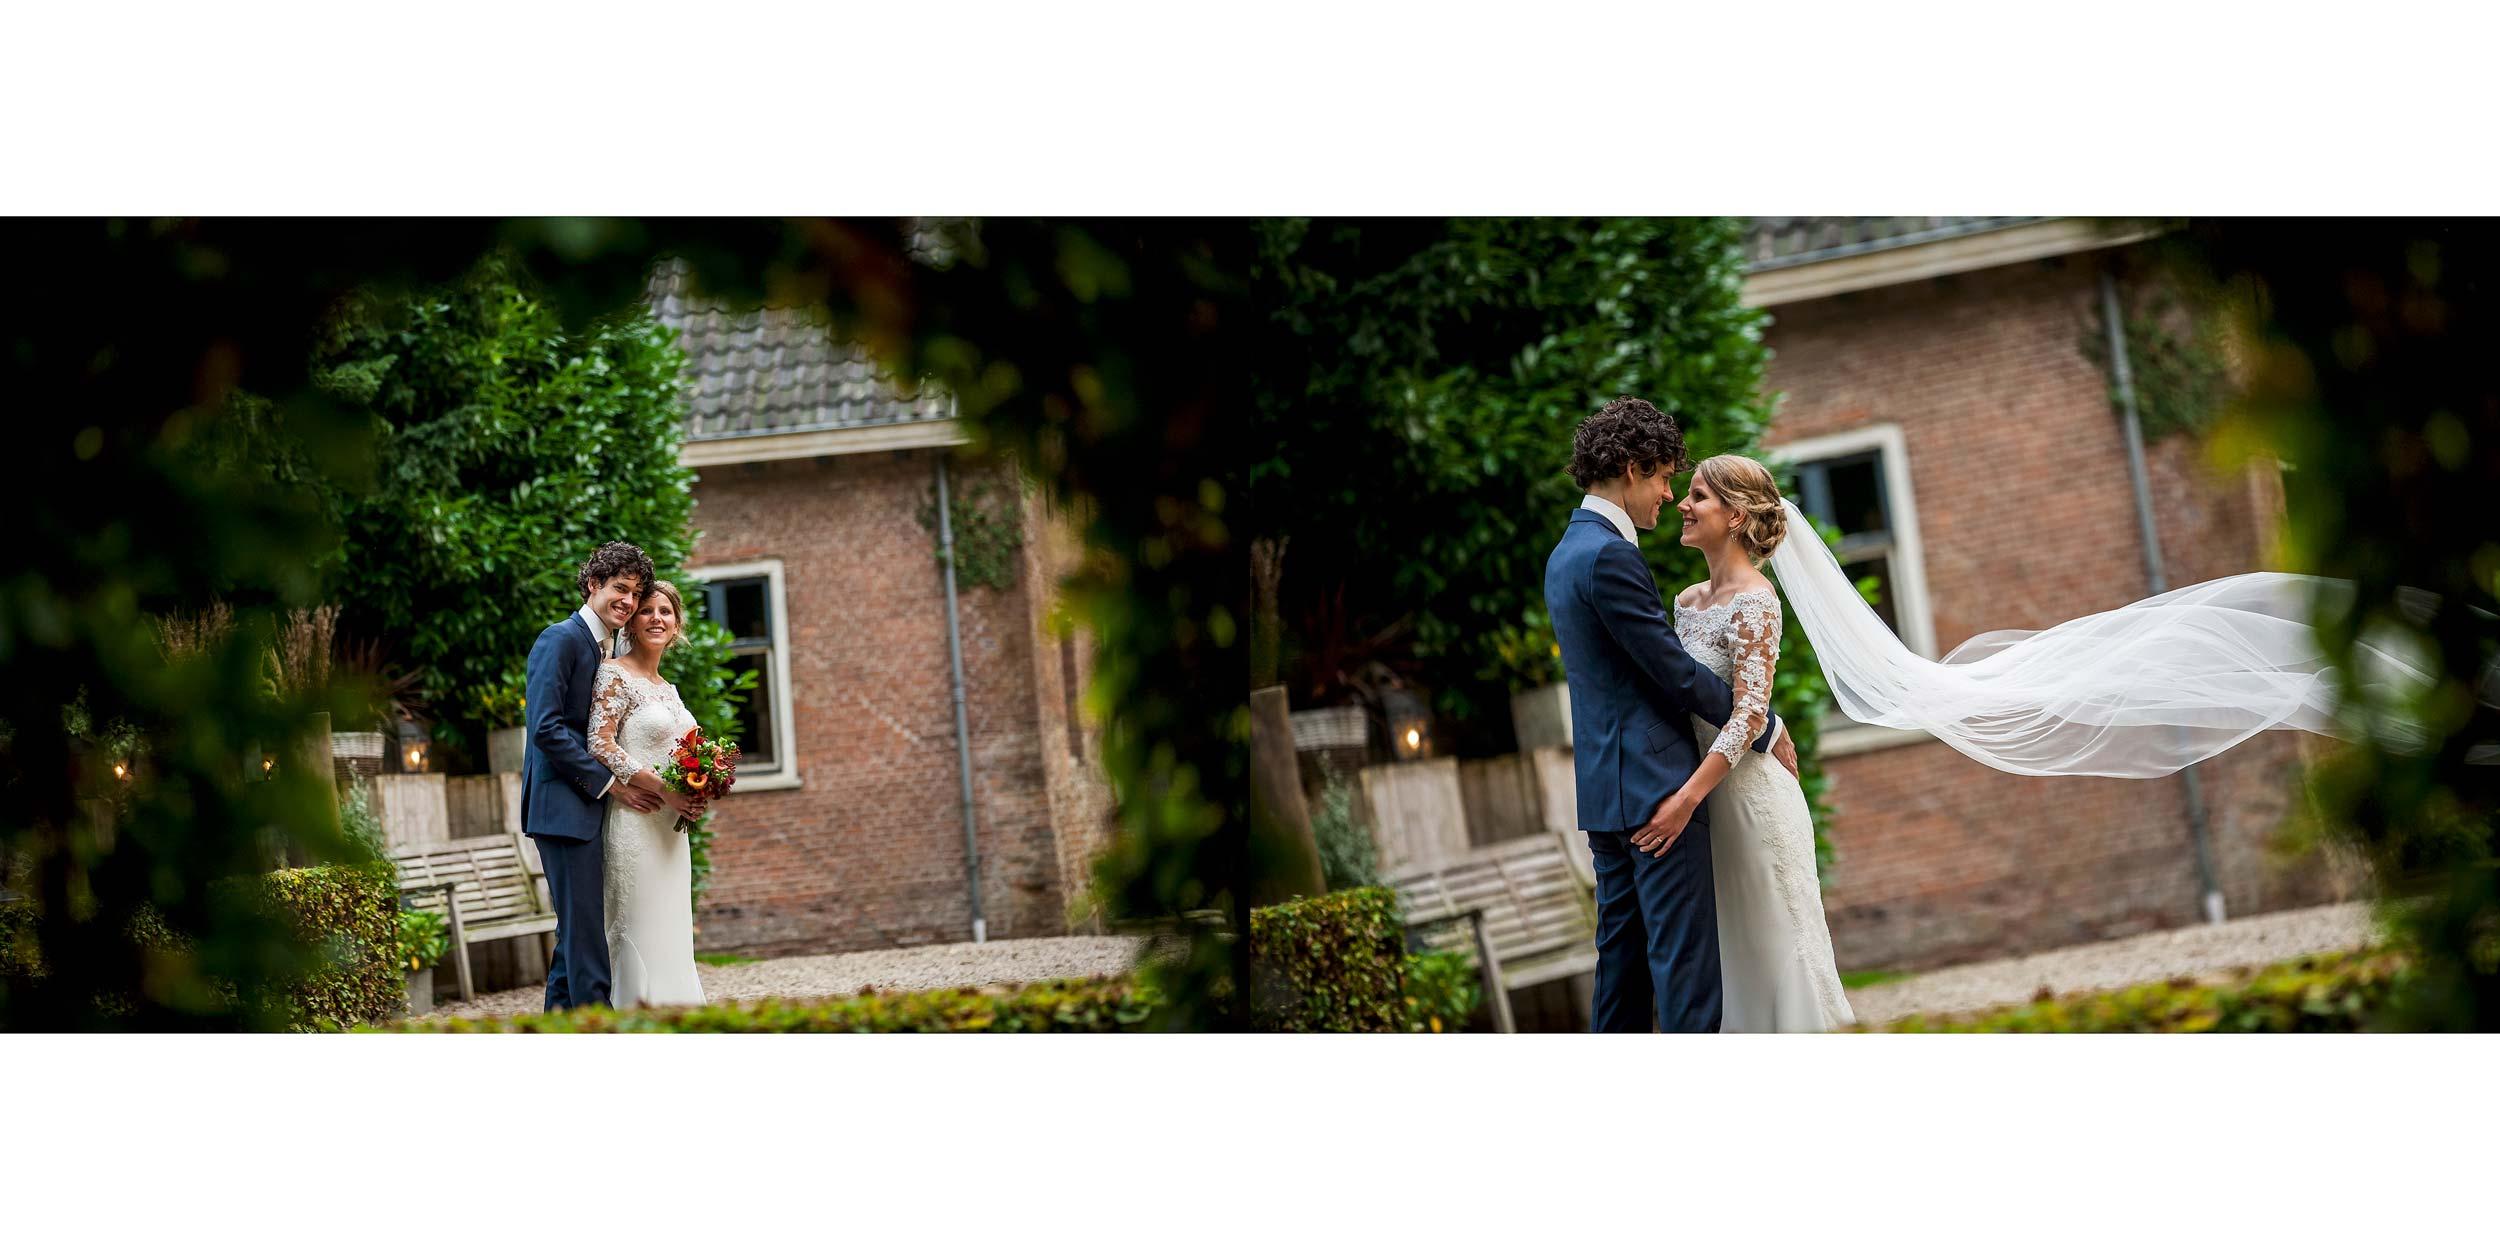 005_trouwen_voorbeeld_album_kasteel_wijenburg_bruiloft_trouwlocatie_trouwinspiratie